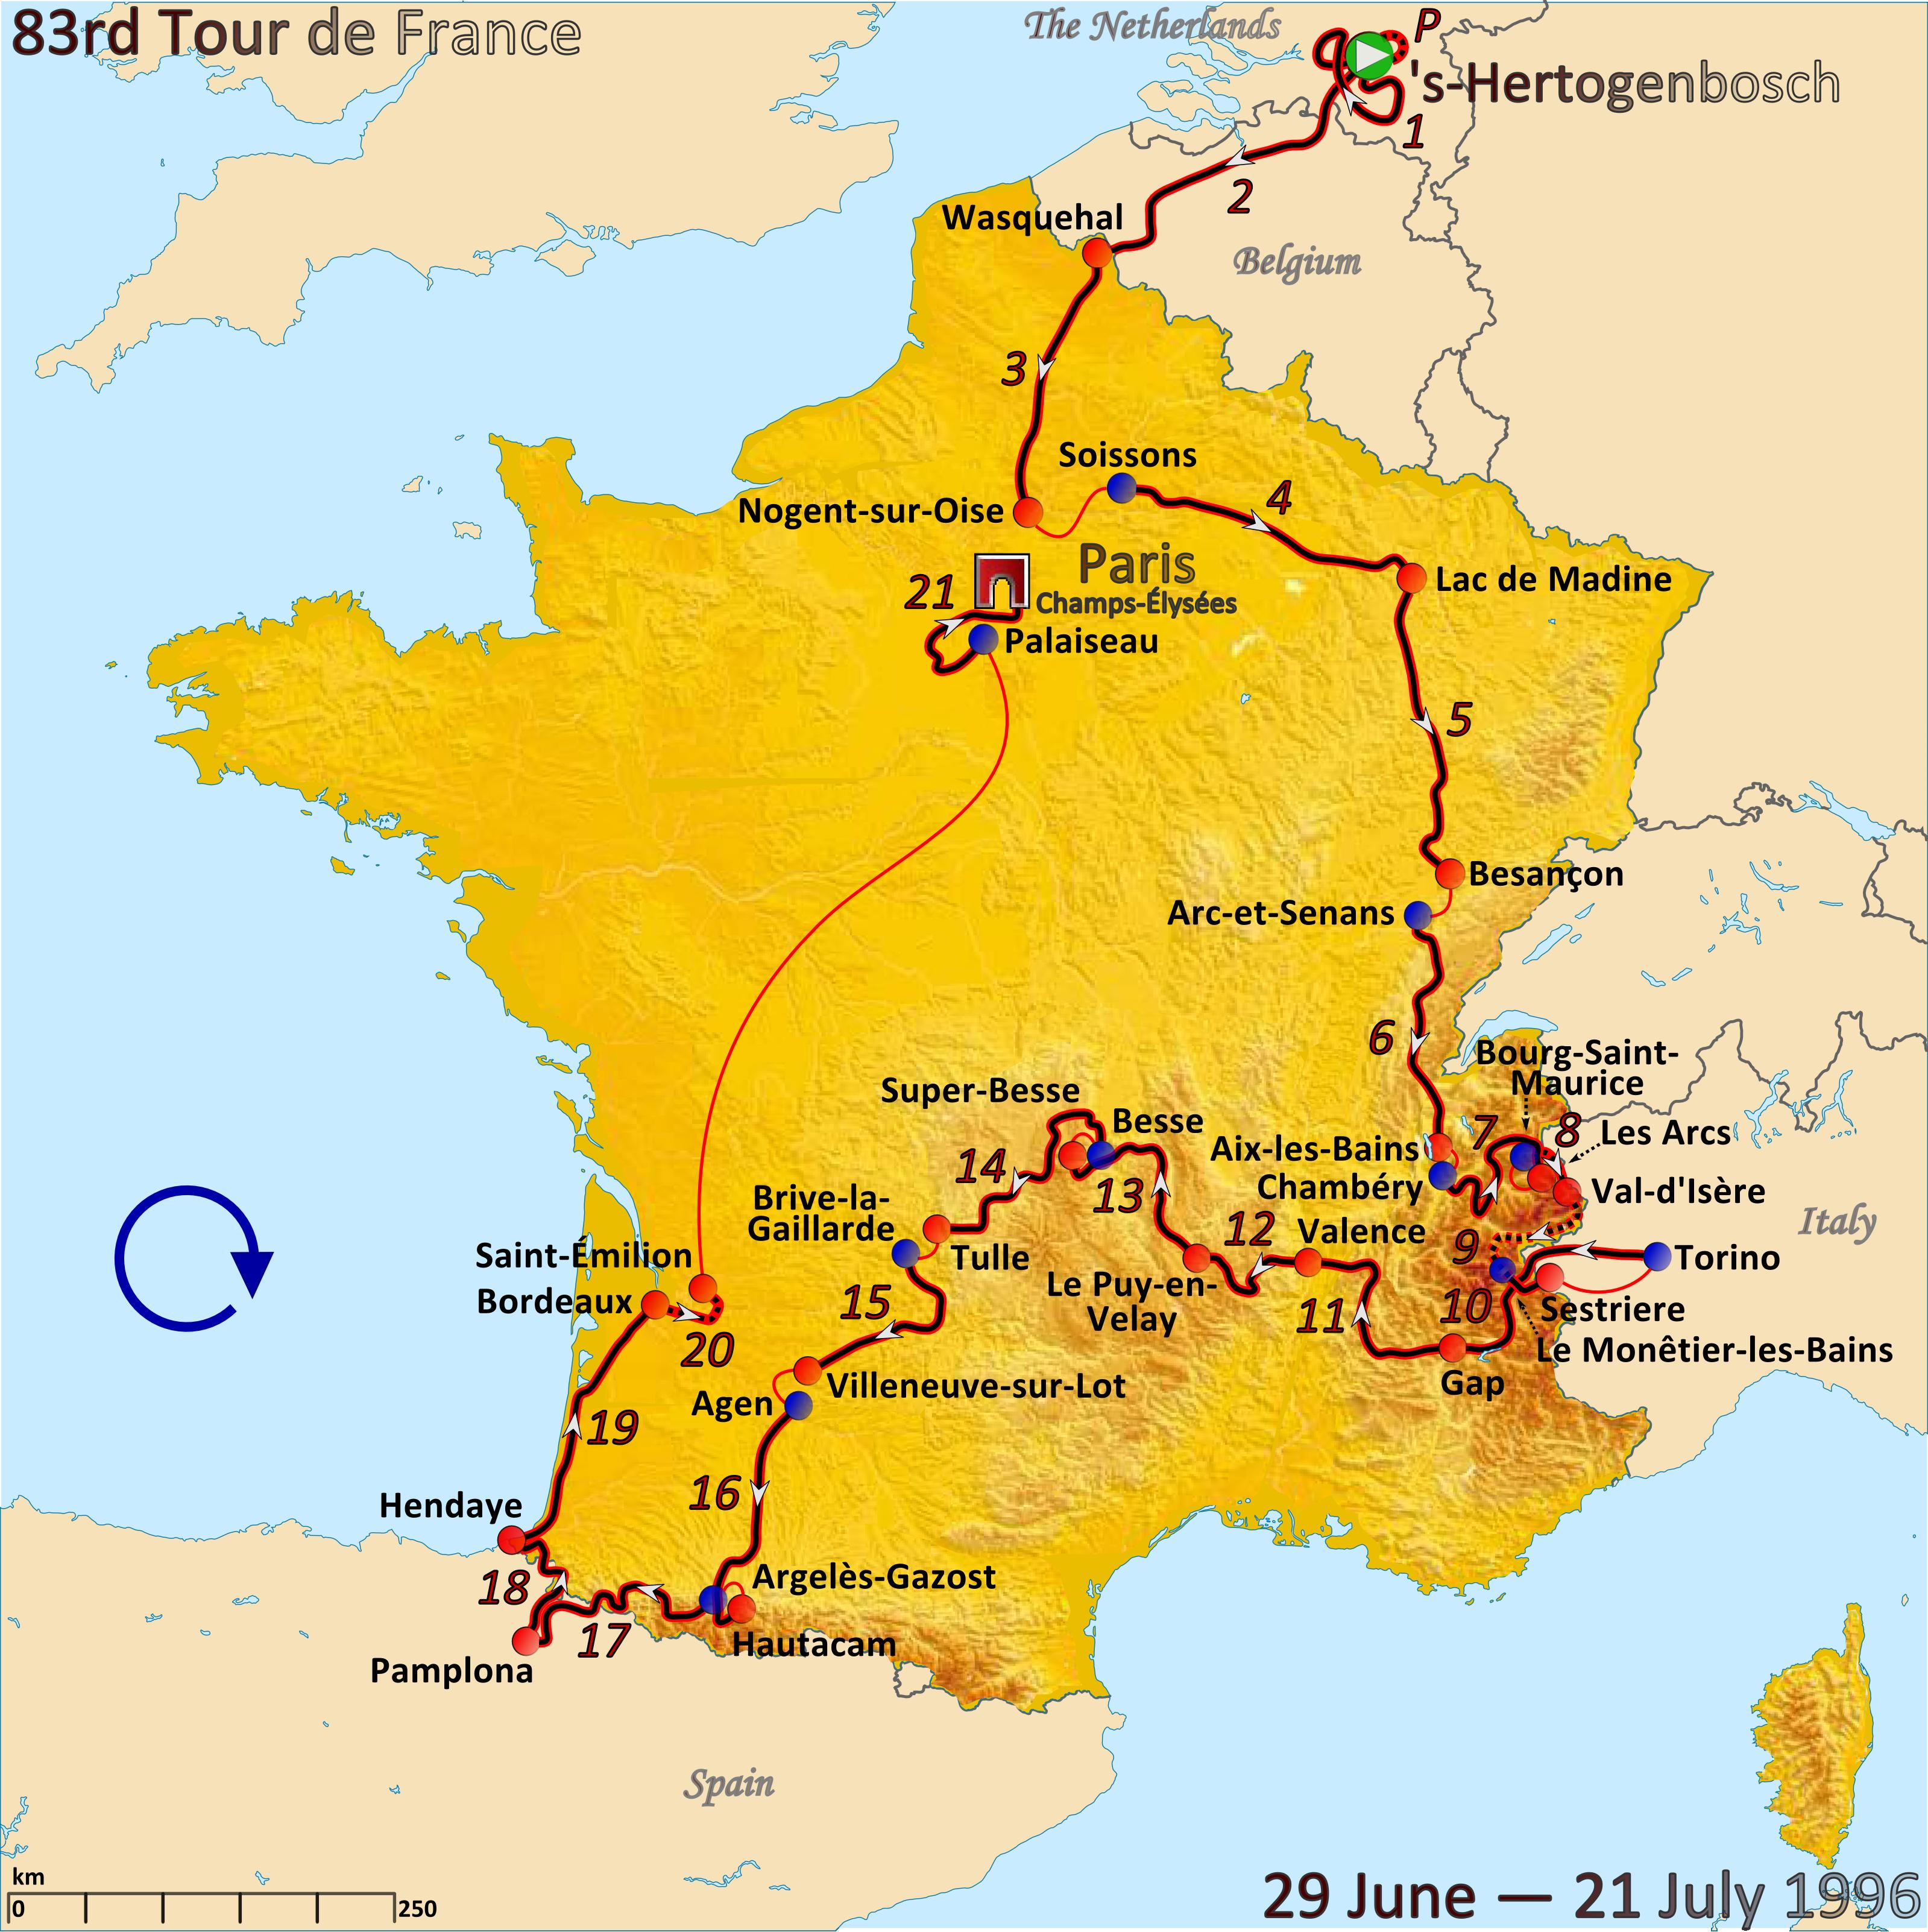 Depiction of Tour de Francia 1996